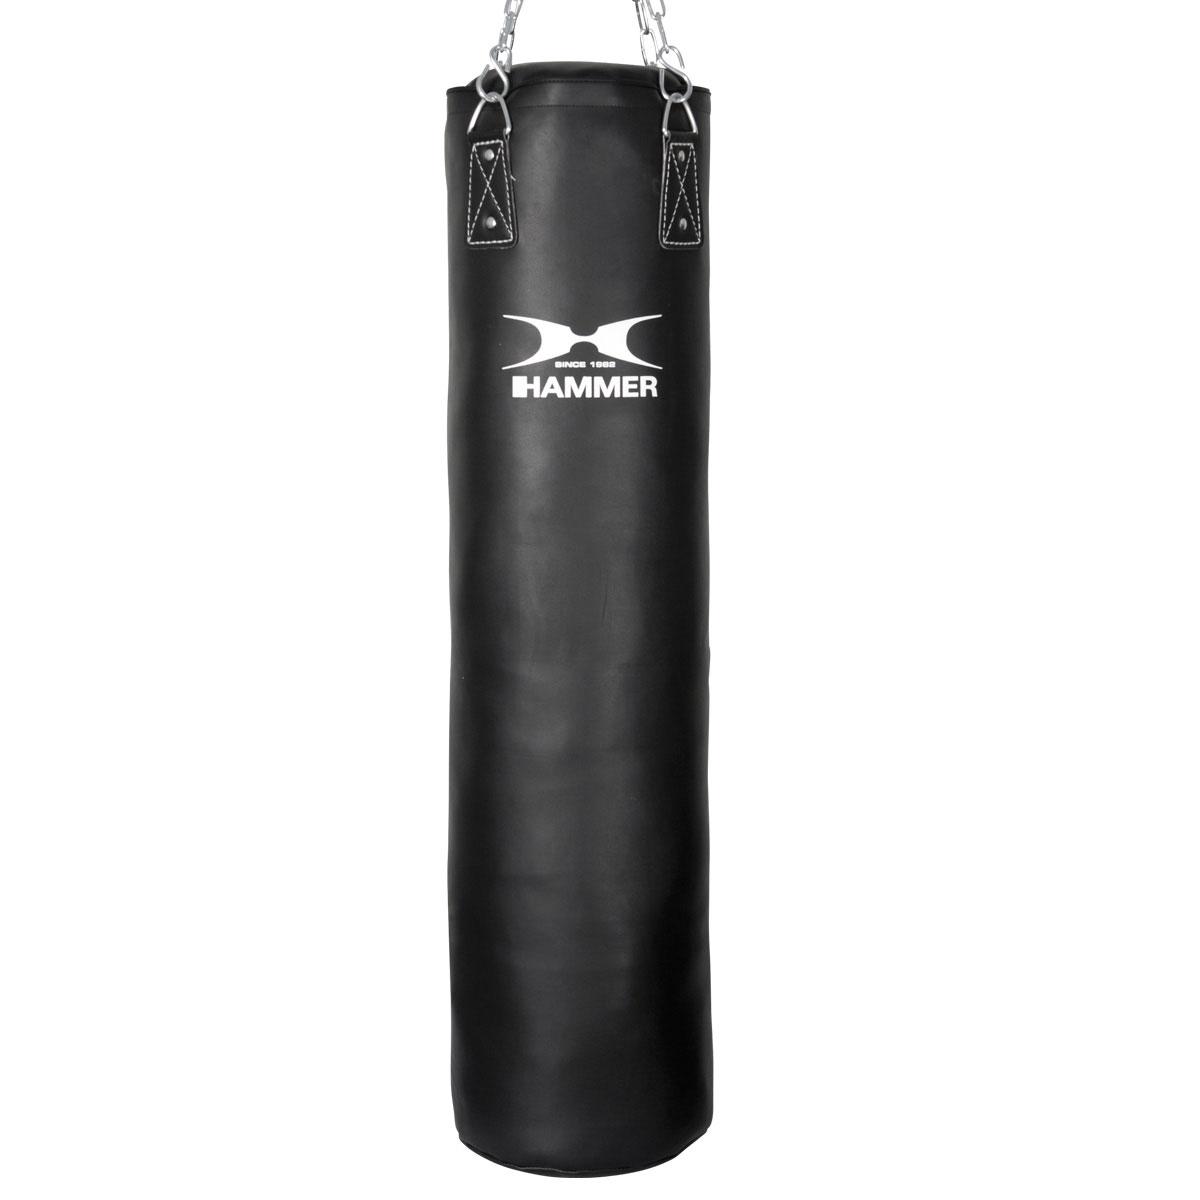 Billede af Hammer Premium Black kick Sandsække (120x35cm - 34kg)